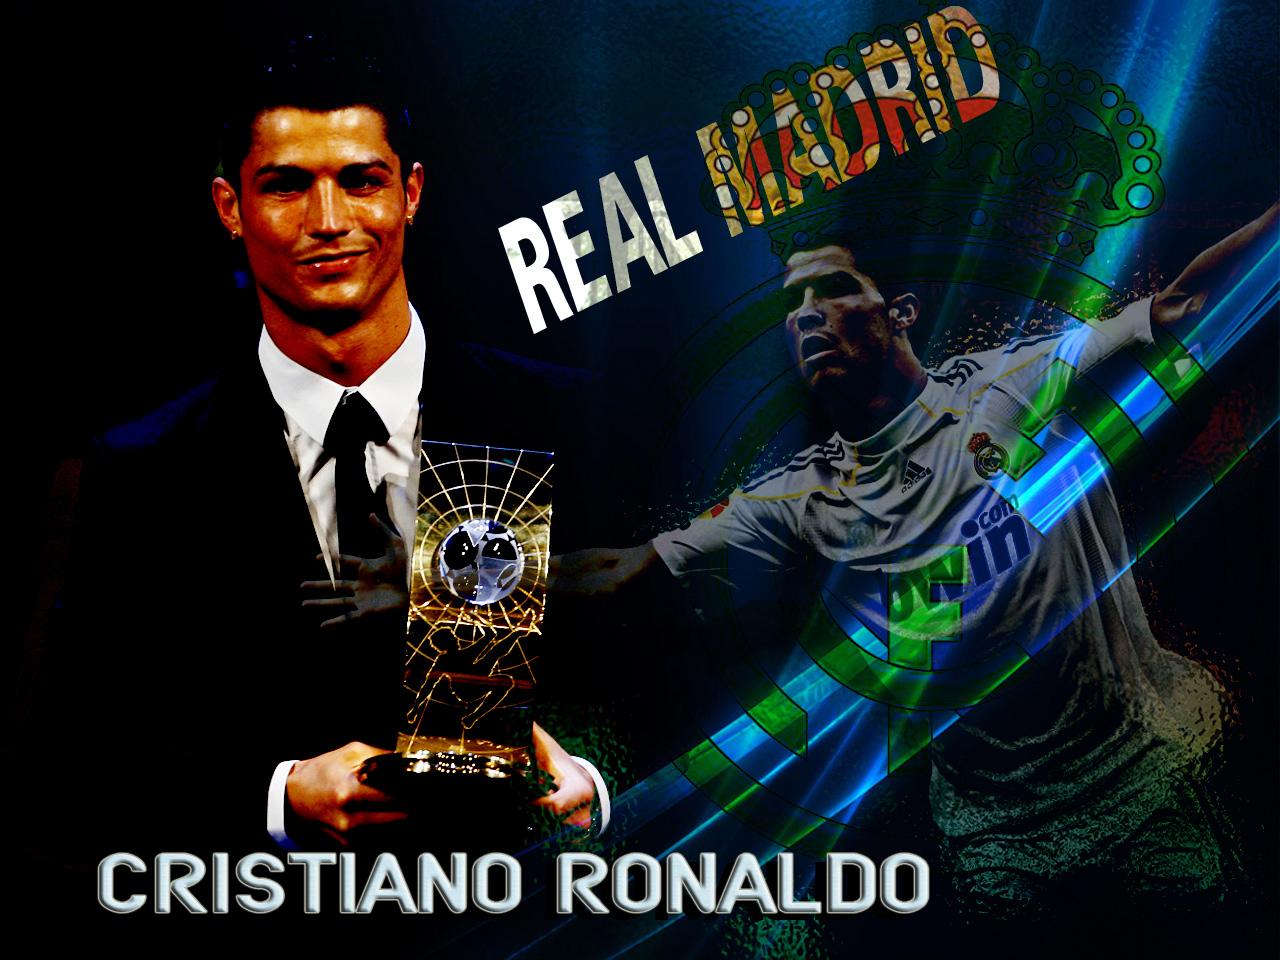 http://3.bp.blogspot.com/_T0UP2pQgRfA/TIzRX3MhrmI/AAAAAAAABQw/Po3bPT1sxwU/s1600/Cristiano-Ronaldo-Real-Madrid-01.jpg